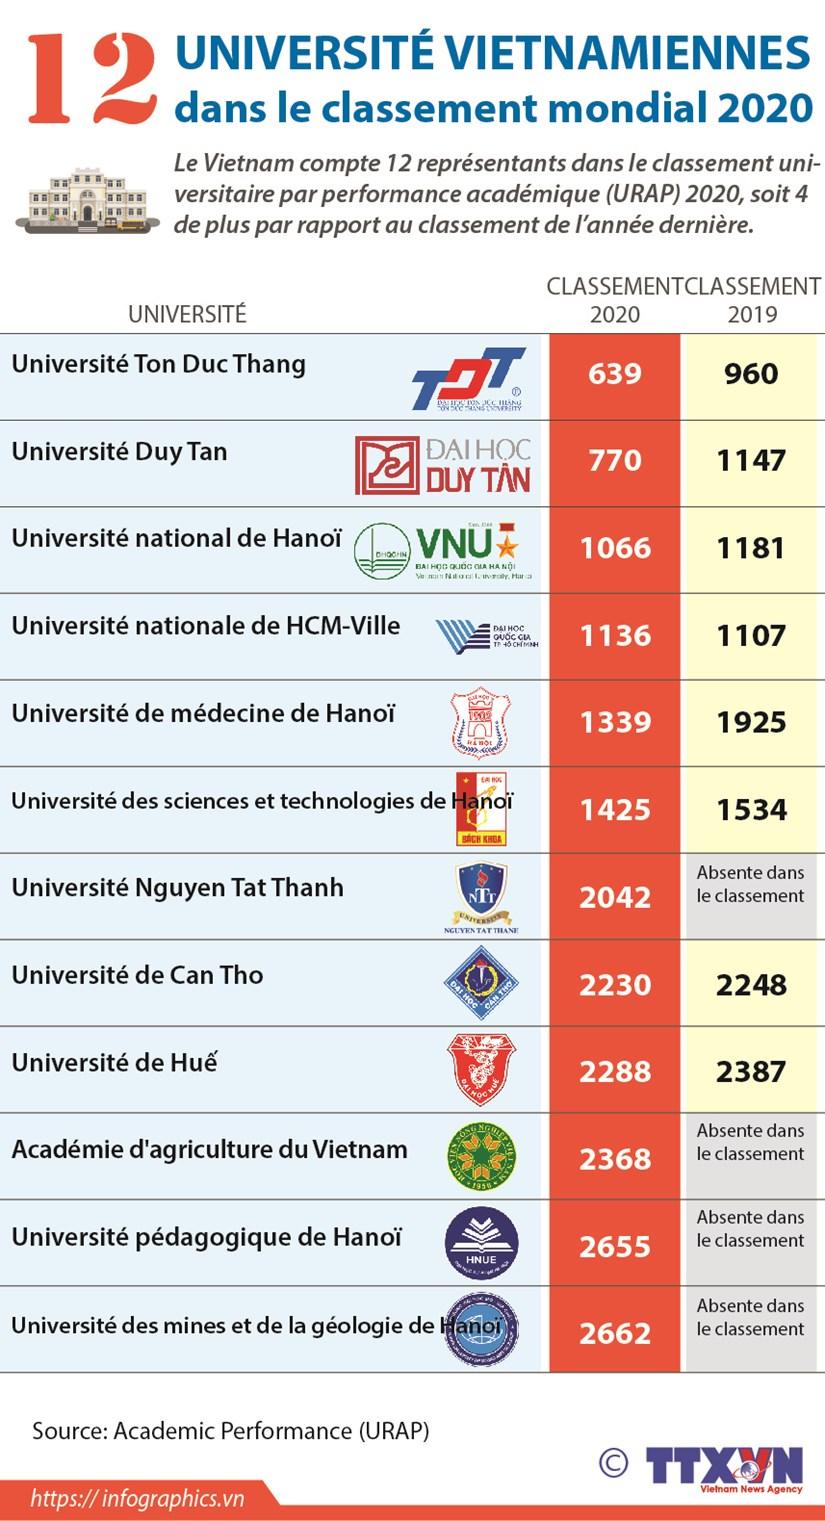 Douze universites dans le classement universitaire par performance academique 2020 hinh anh 1